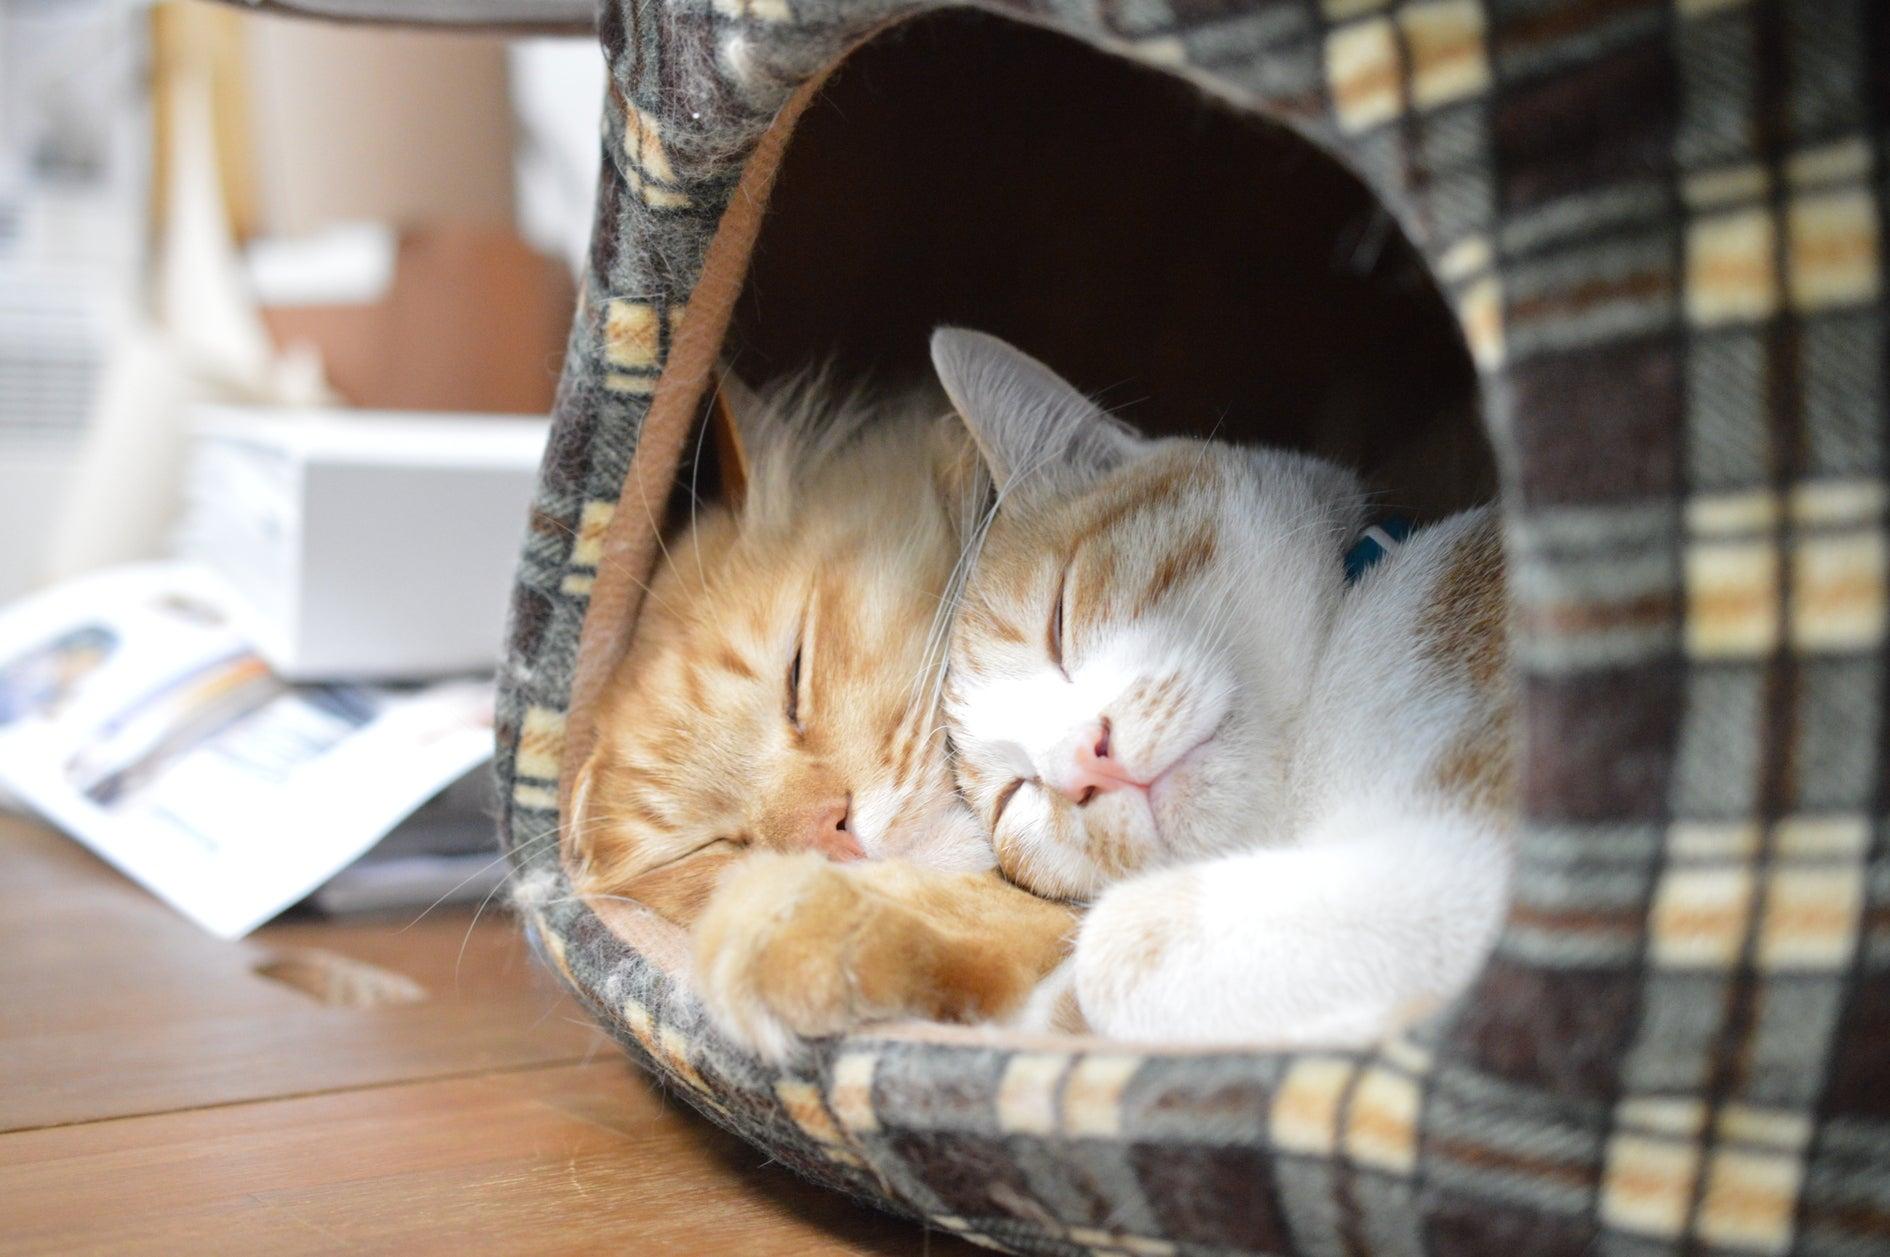 猫のいるデザインスタジオの空きスペースでミニパーティしませんか?(京セラドーム徒歩約3分!着替え、クローク、パーティ、撮影、猫、手づくり、ボードゲーム、休憩、仮眠☆) の写真0